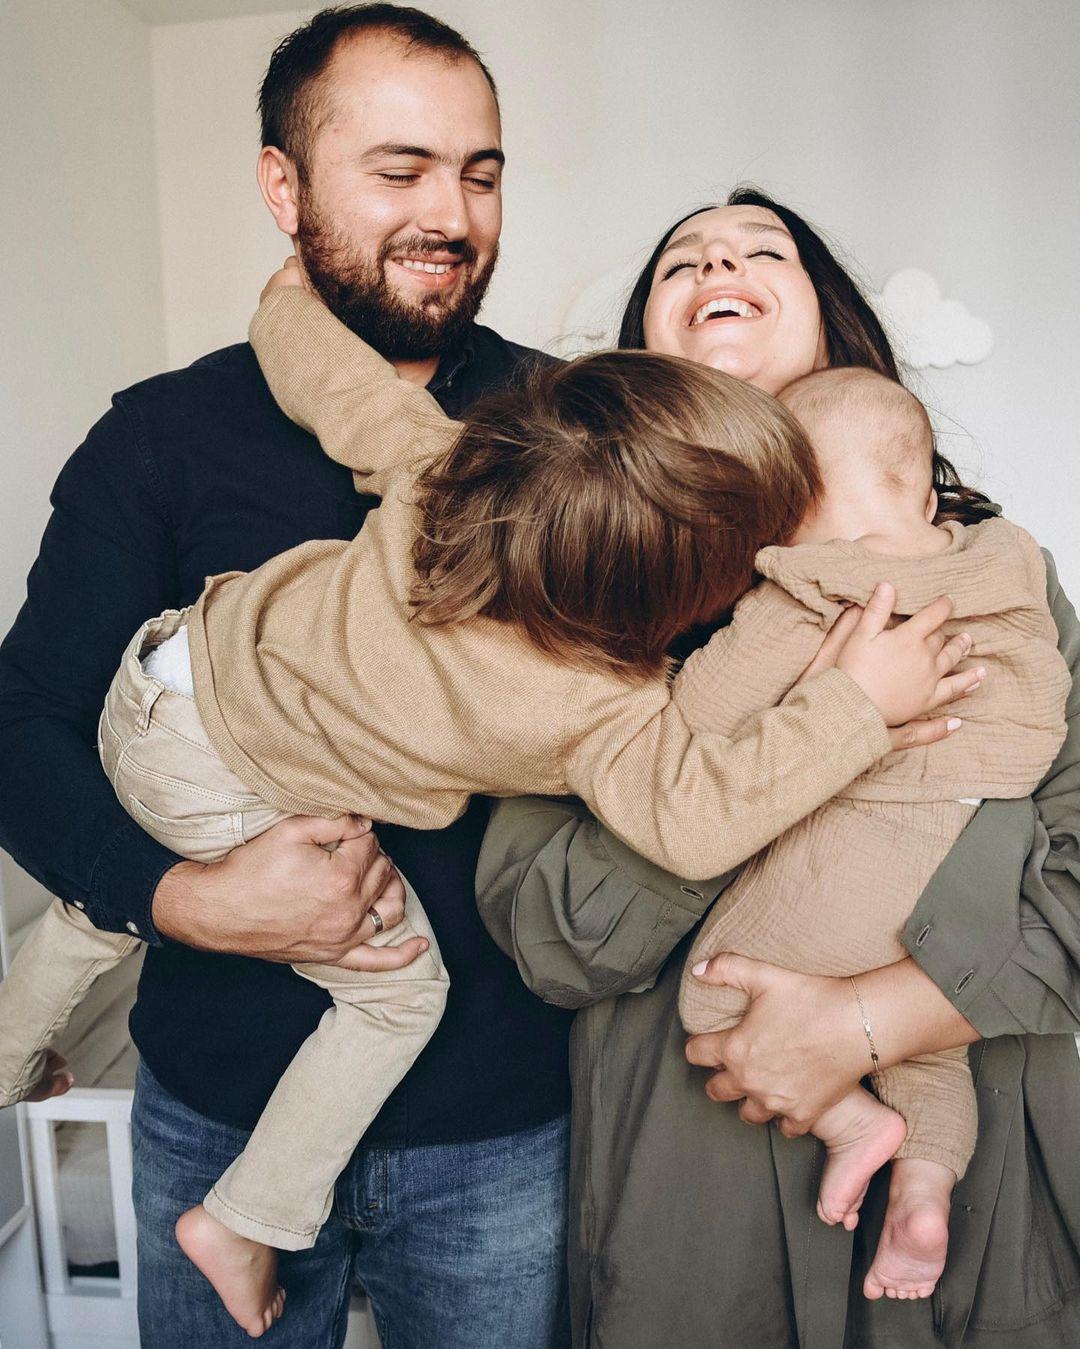 Джамала розкрила секрети свого щасливого сімейного життя і привітала всіх з 14 жовтня